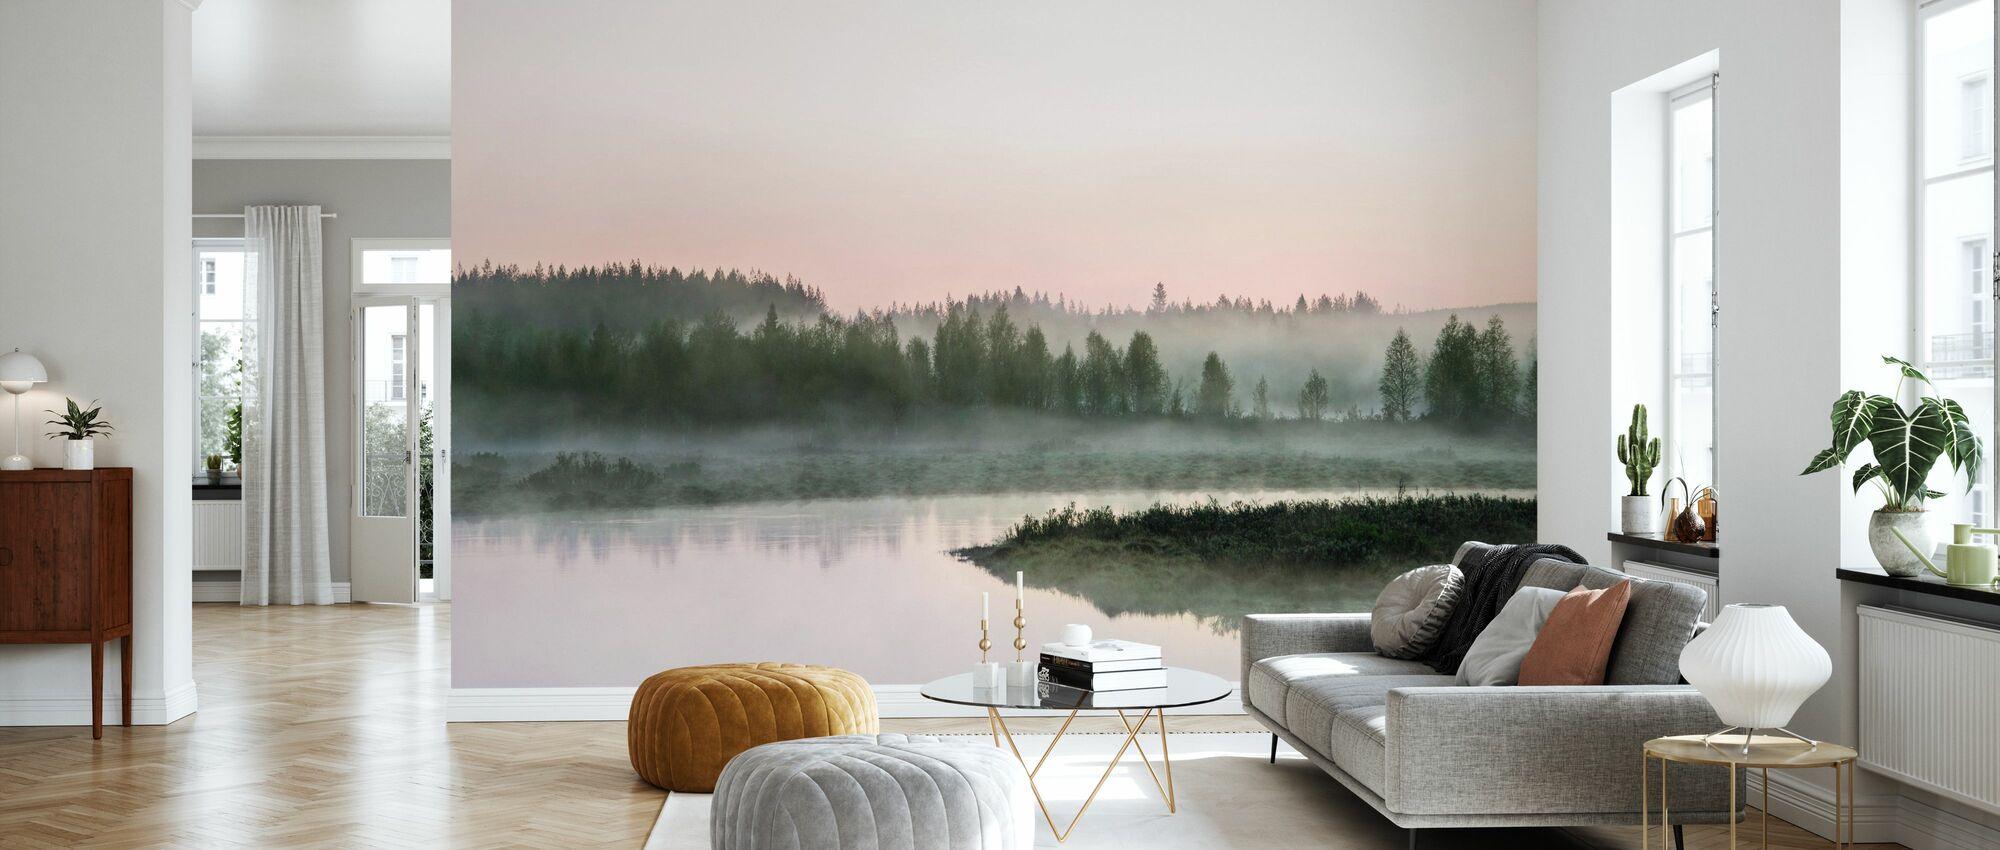 Break of Day - Wallpaper - Living Room